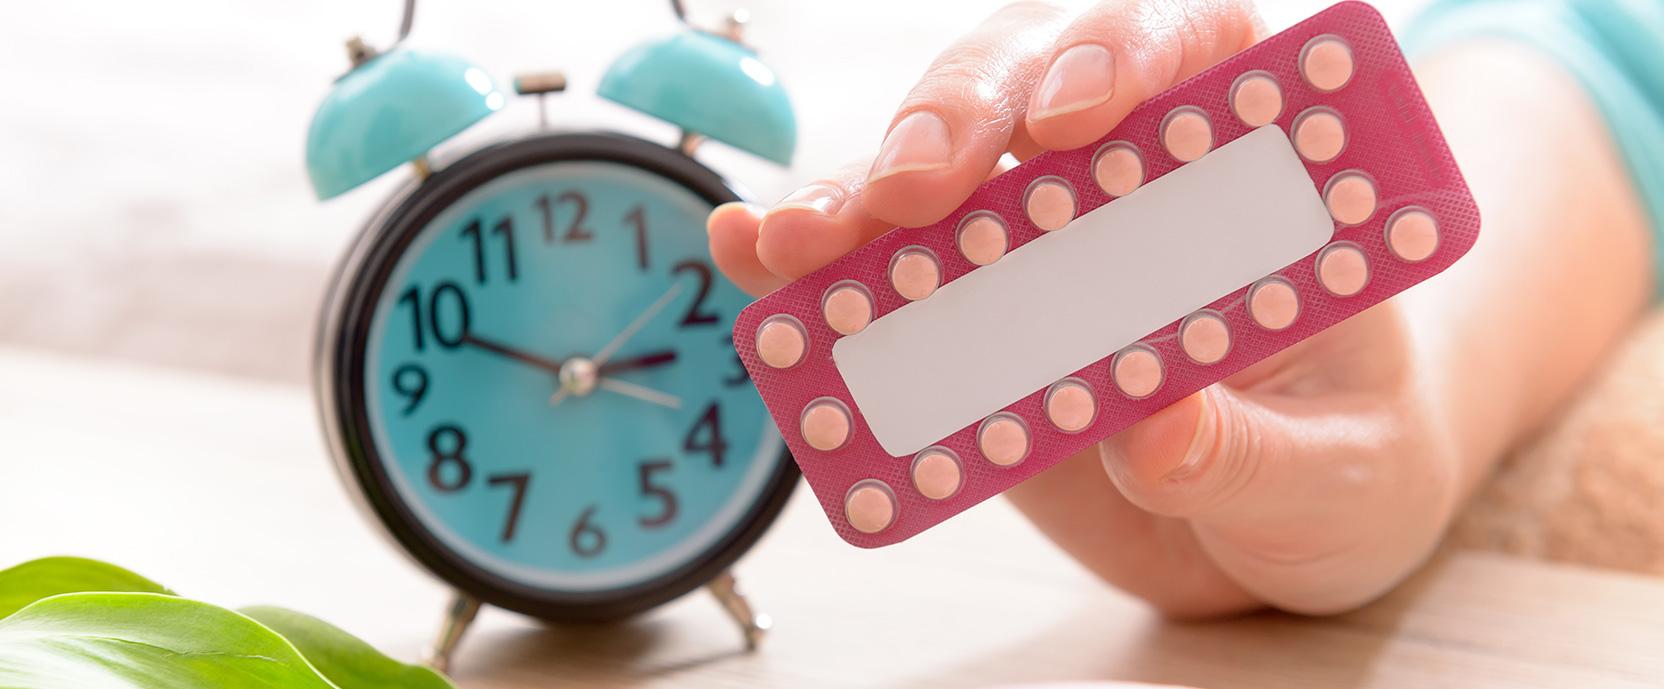 overgangsverschijnselen en de pil